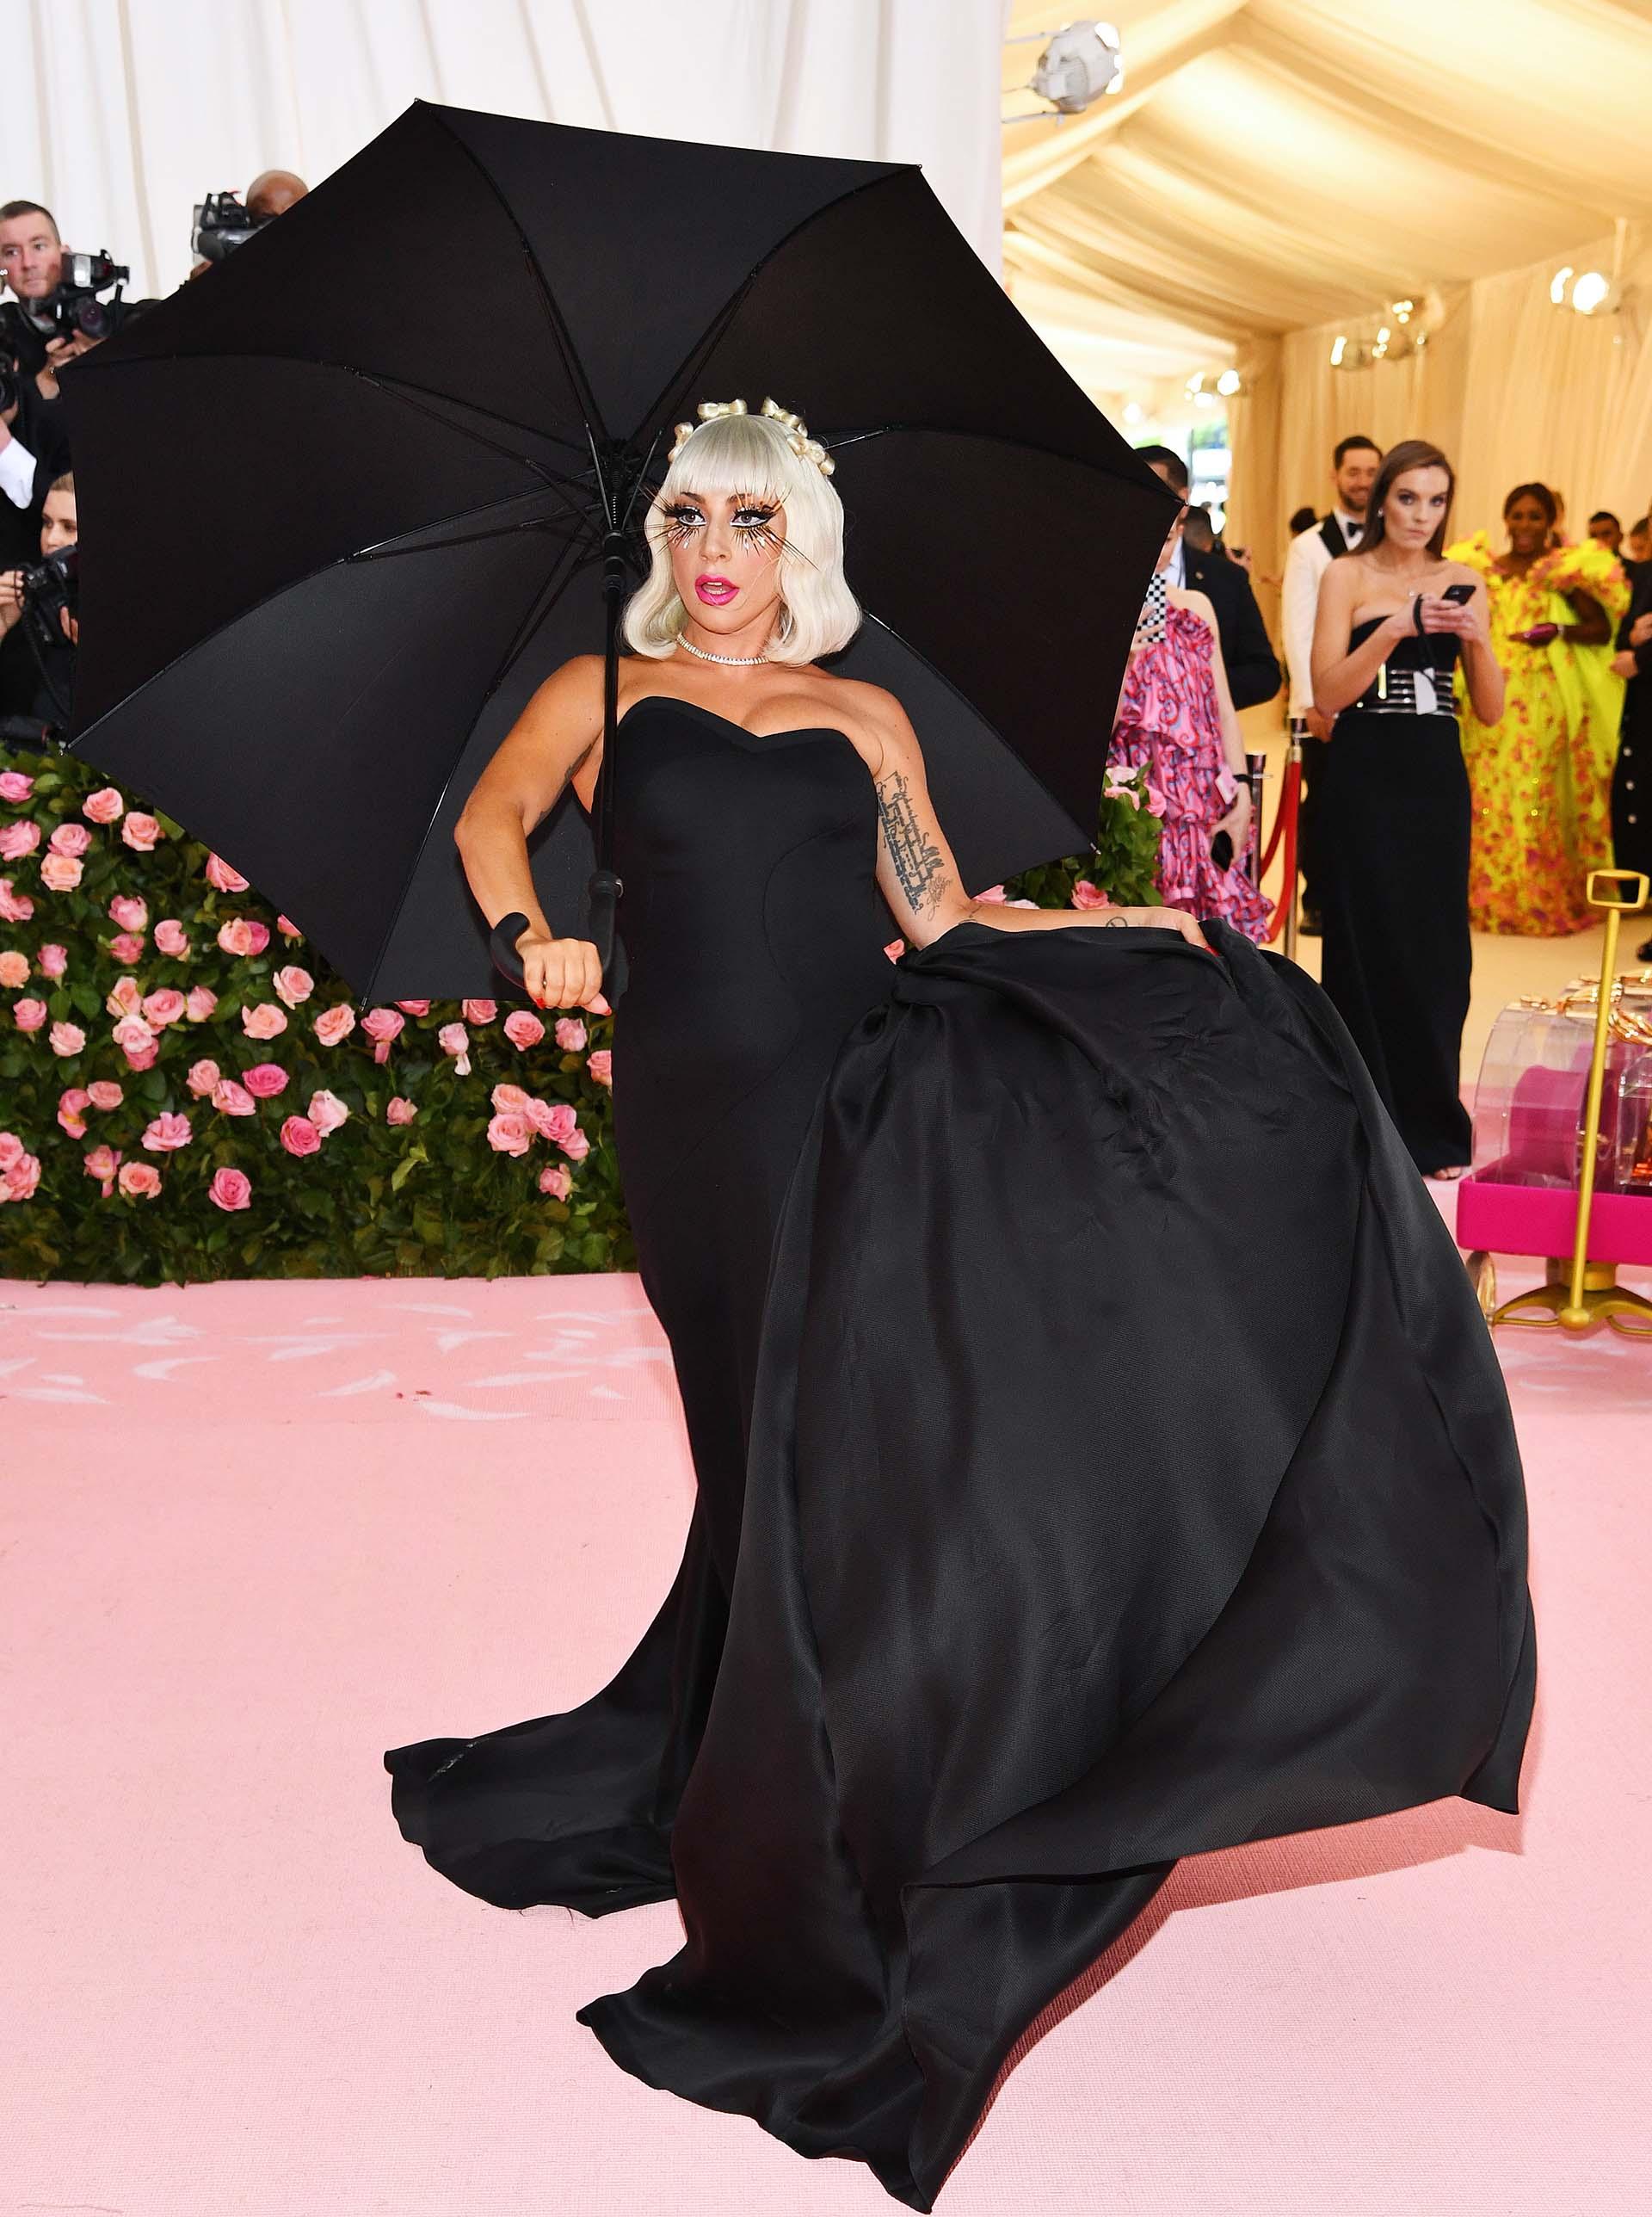 Debajo del eterno vestido fucsia, Gaga lucía un vestido corset negro